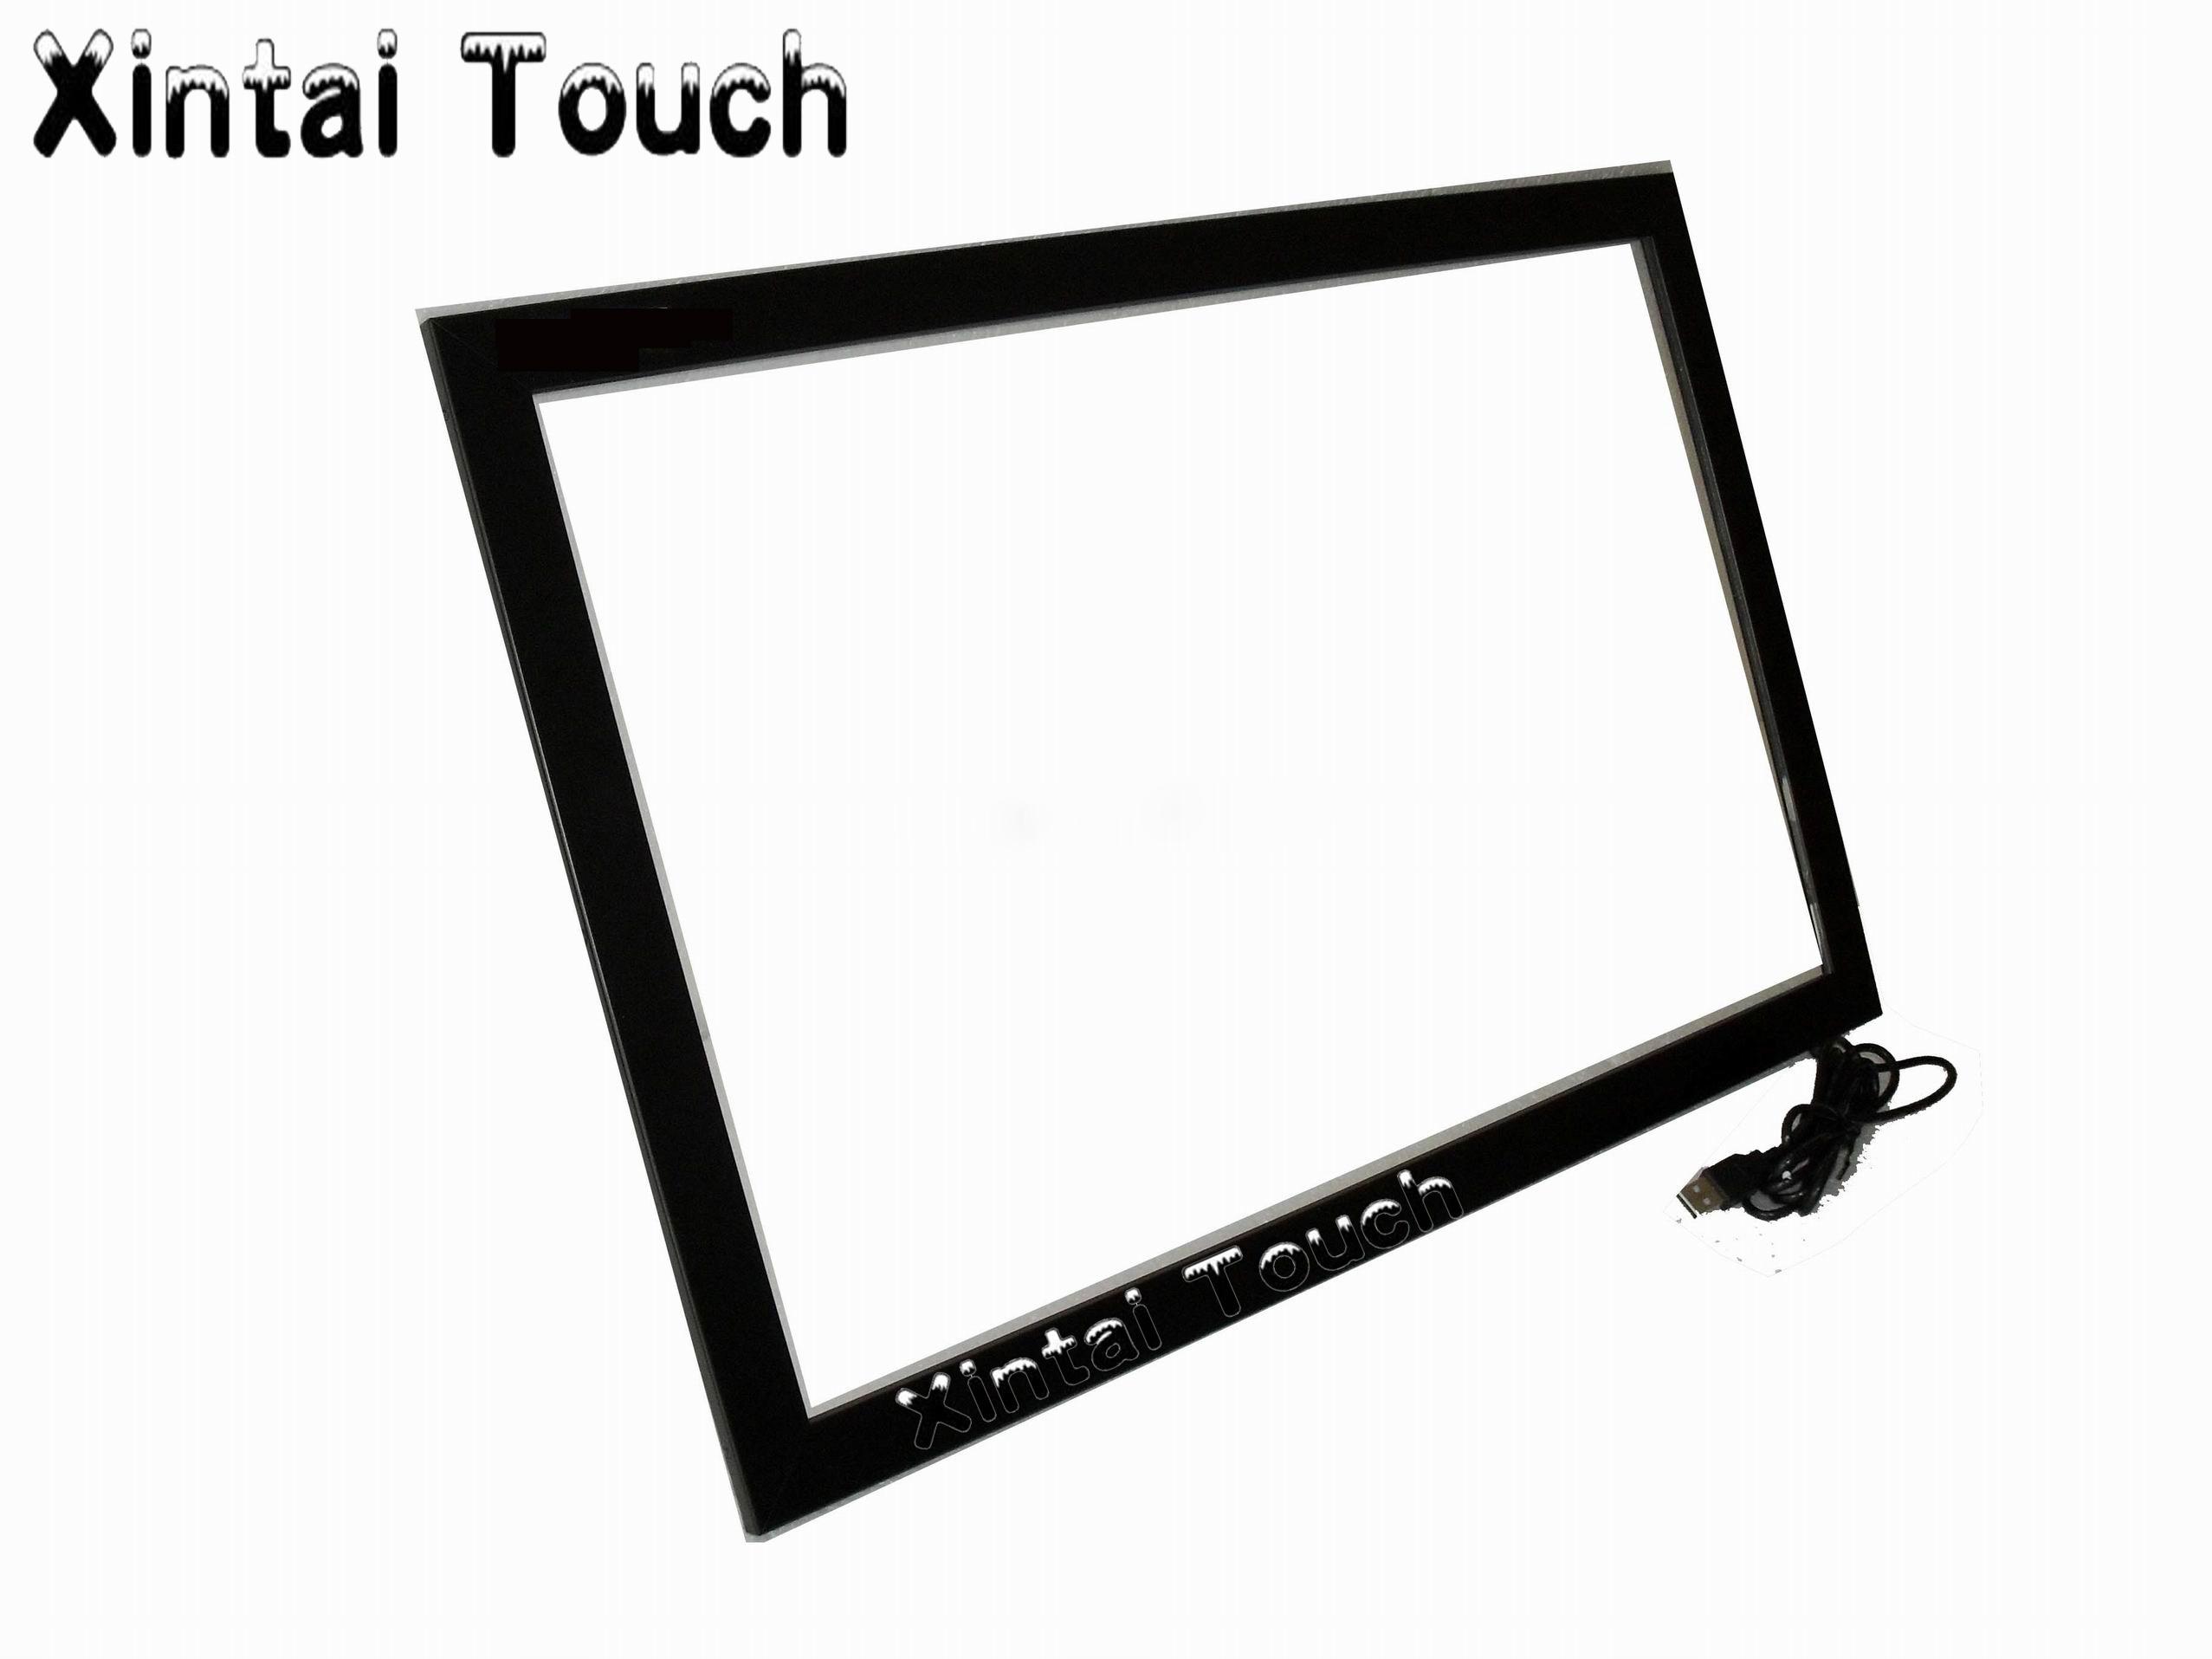 65 дюймов ИК мульти сенсорный экран панель комплект без стекла/интерактивная 10 точек ИК сенсорная рамка/Быстрая доставка